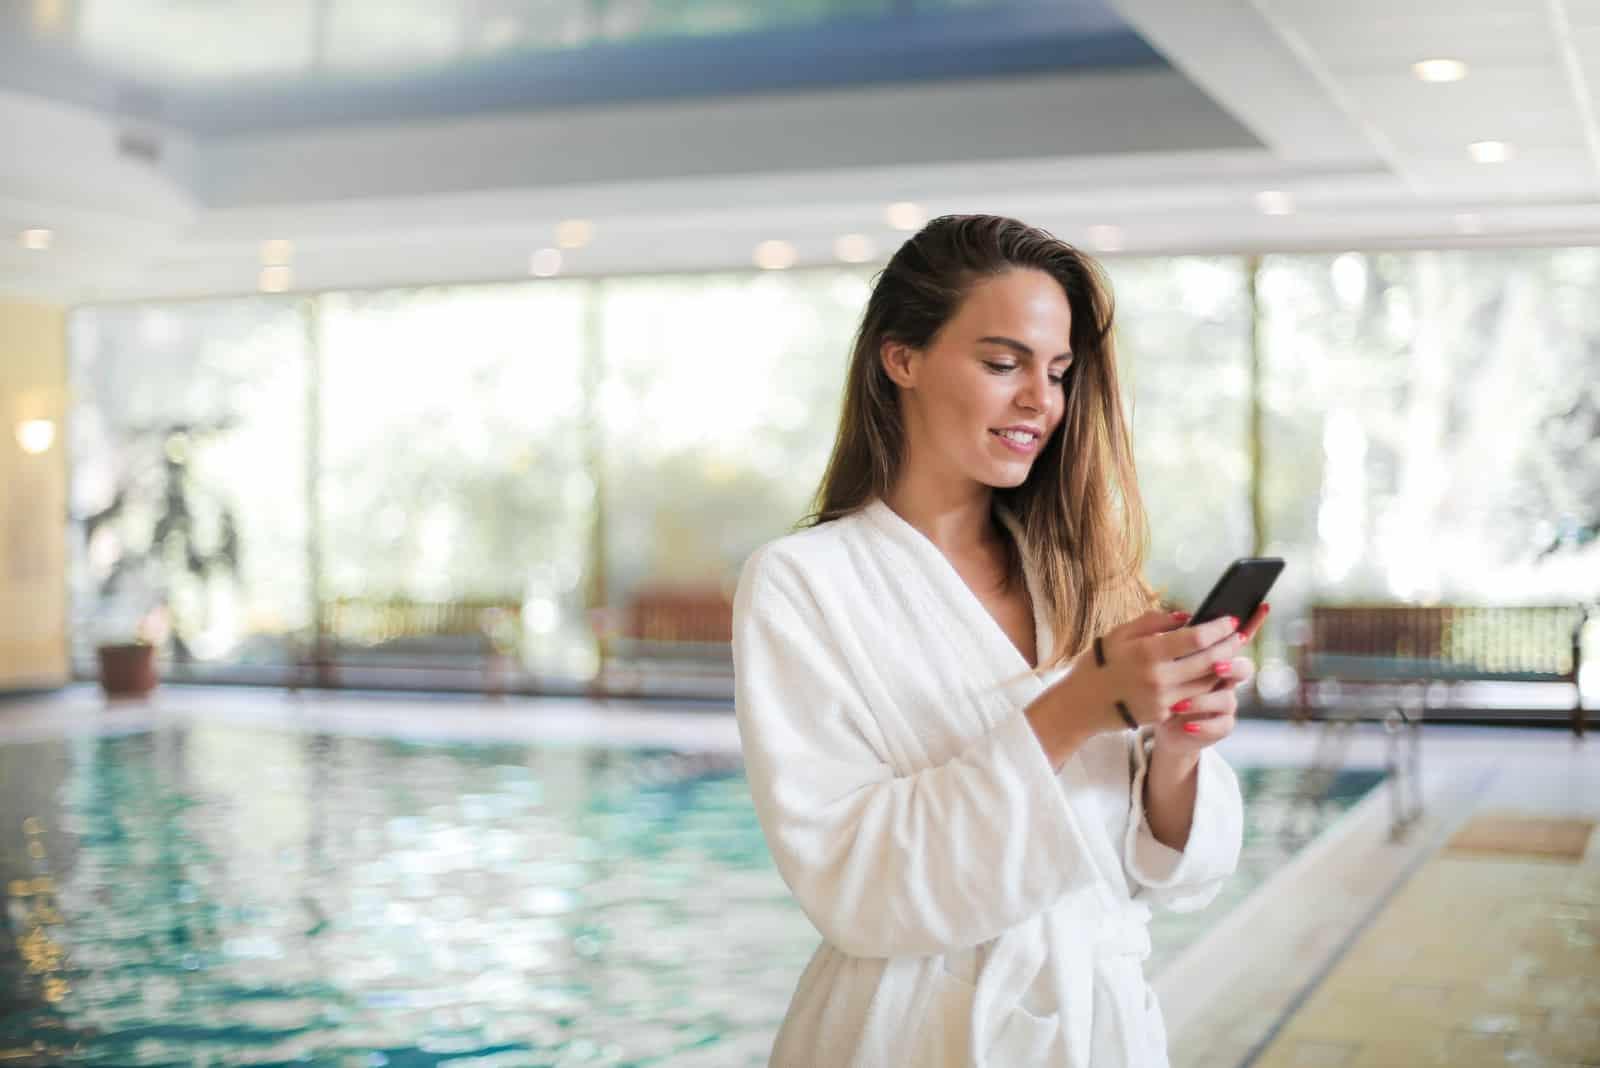 femme en robe blanche à l'aide de smartphone